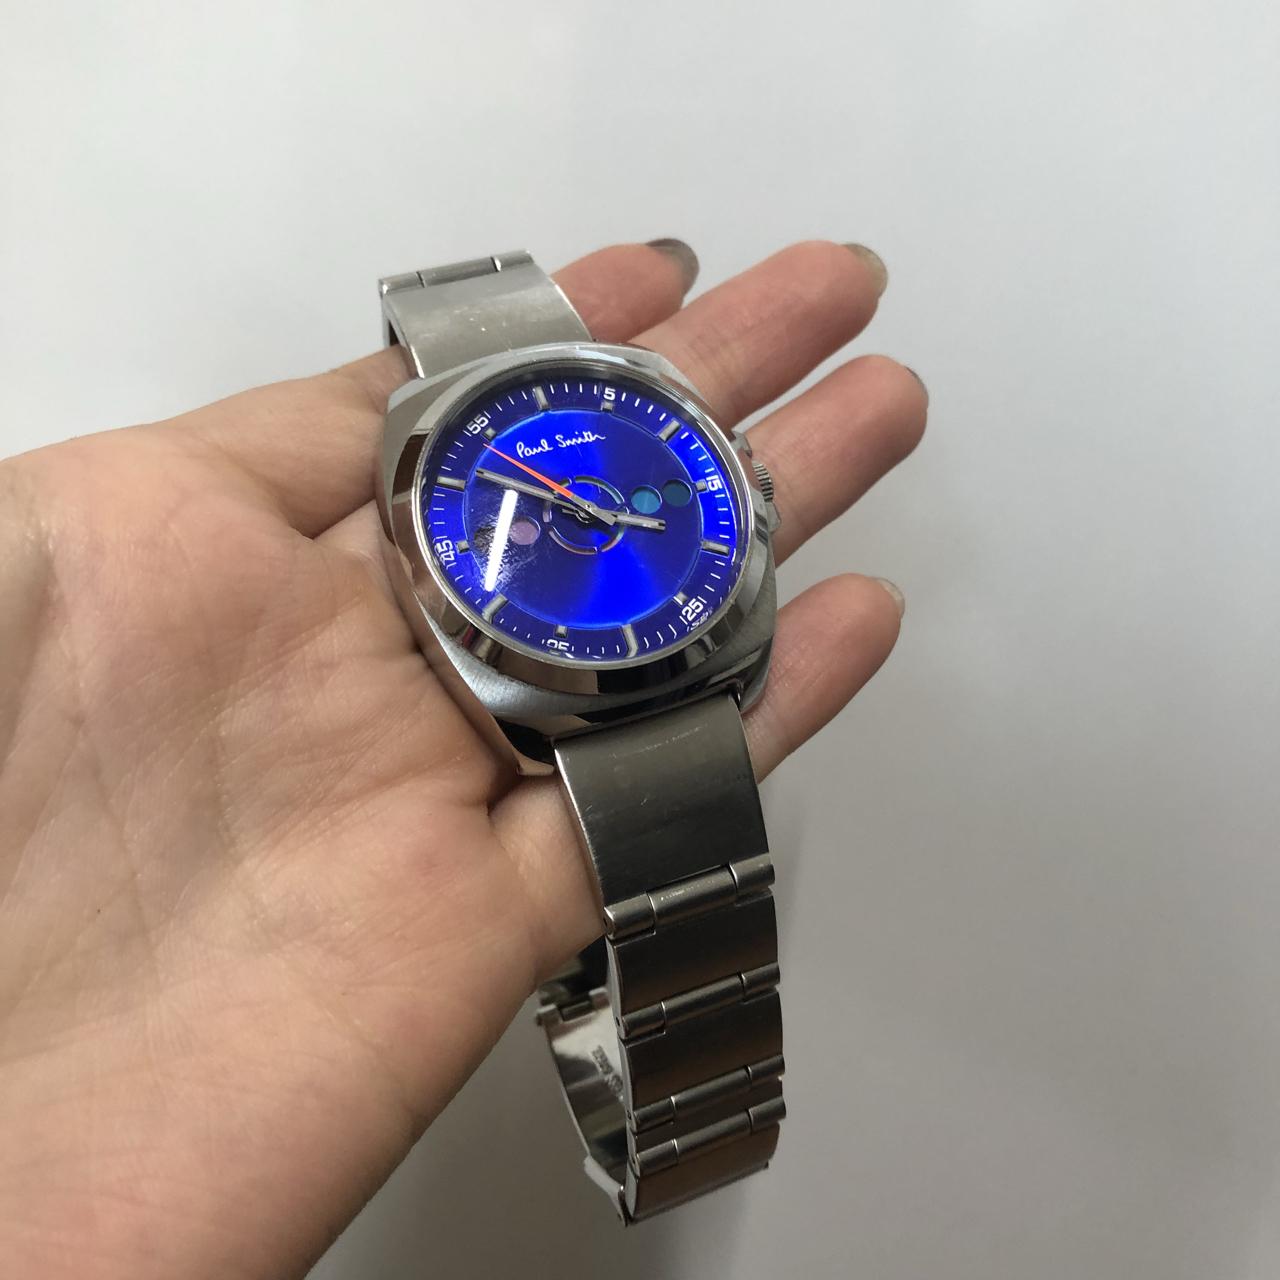 폴스미스 시계